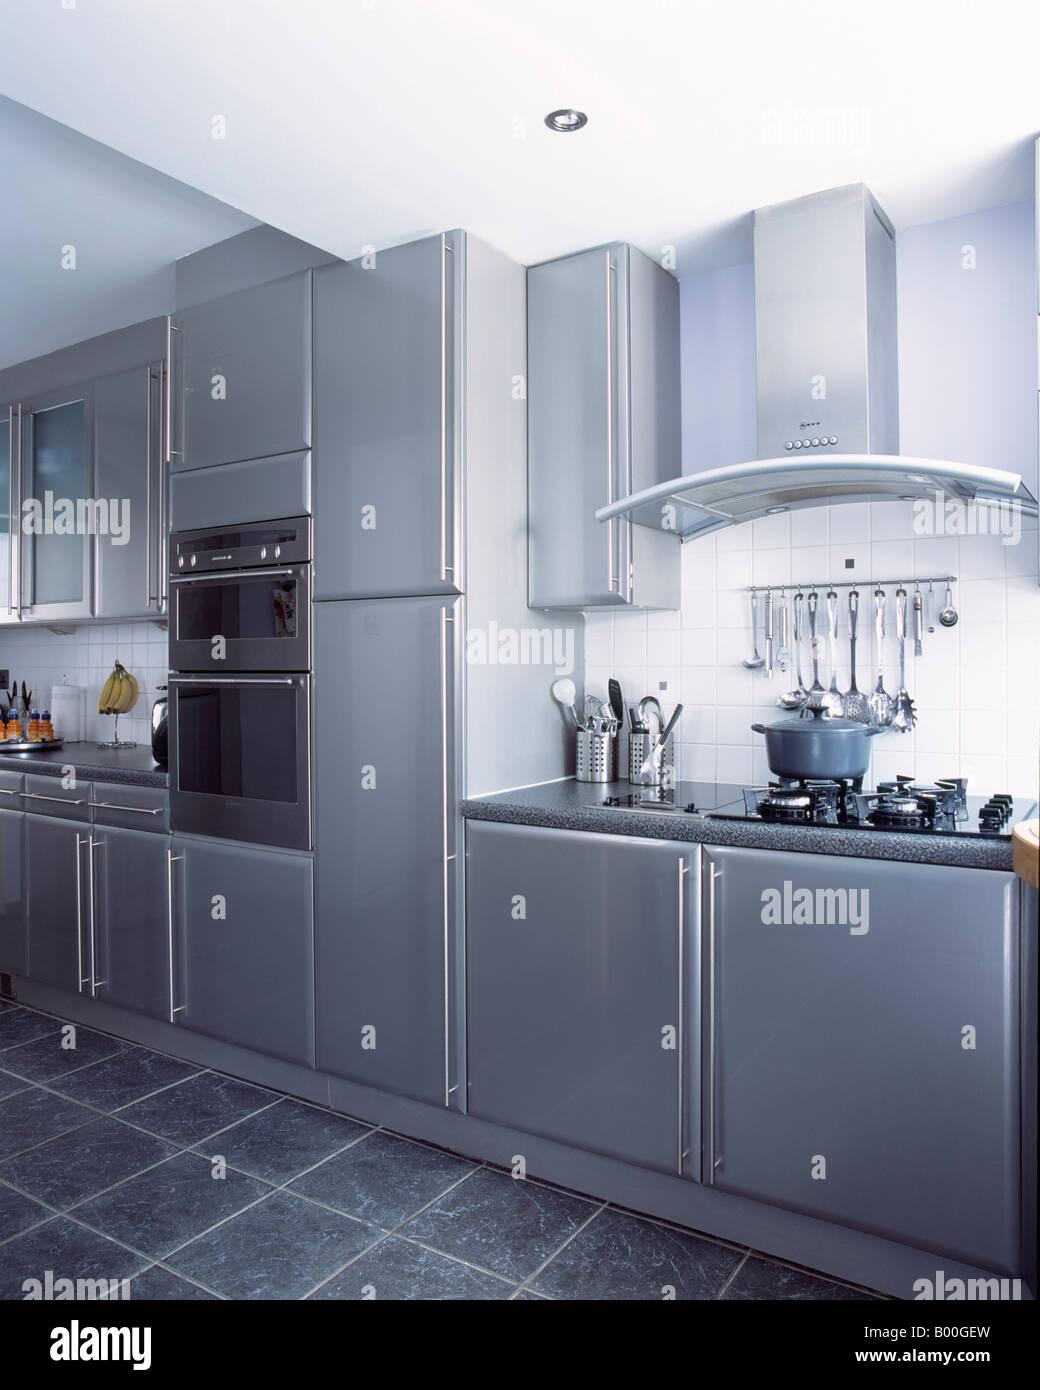 Wand-Öfen in metallic grau Küche mit Schiefer Bodenfliesen Stockfoto ...